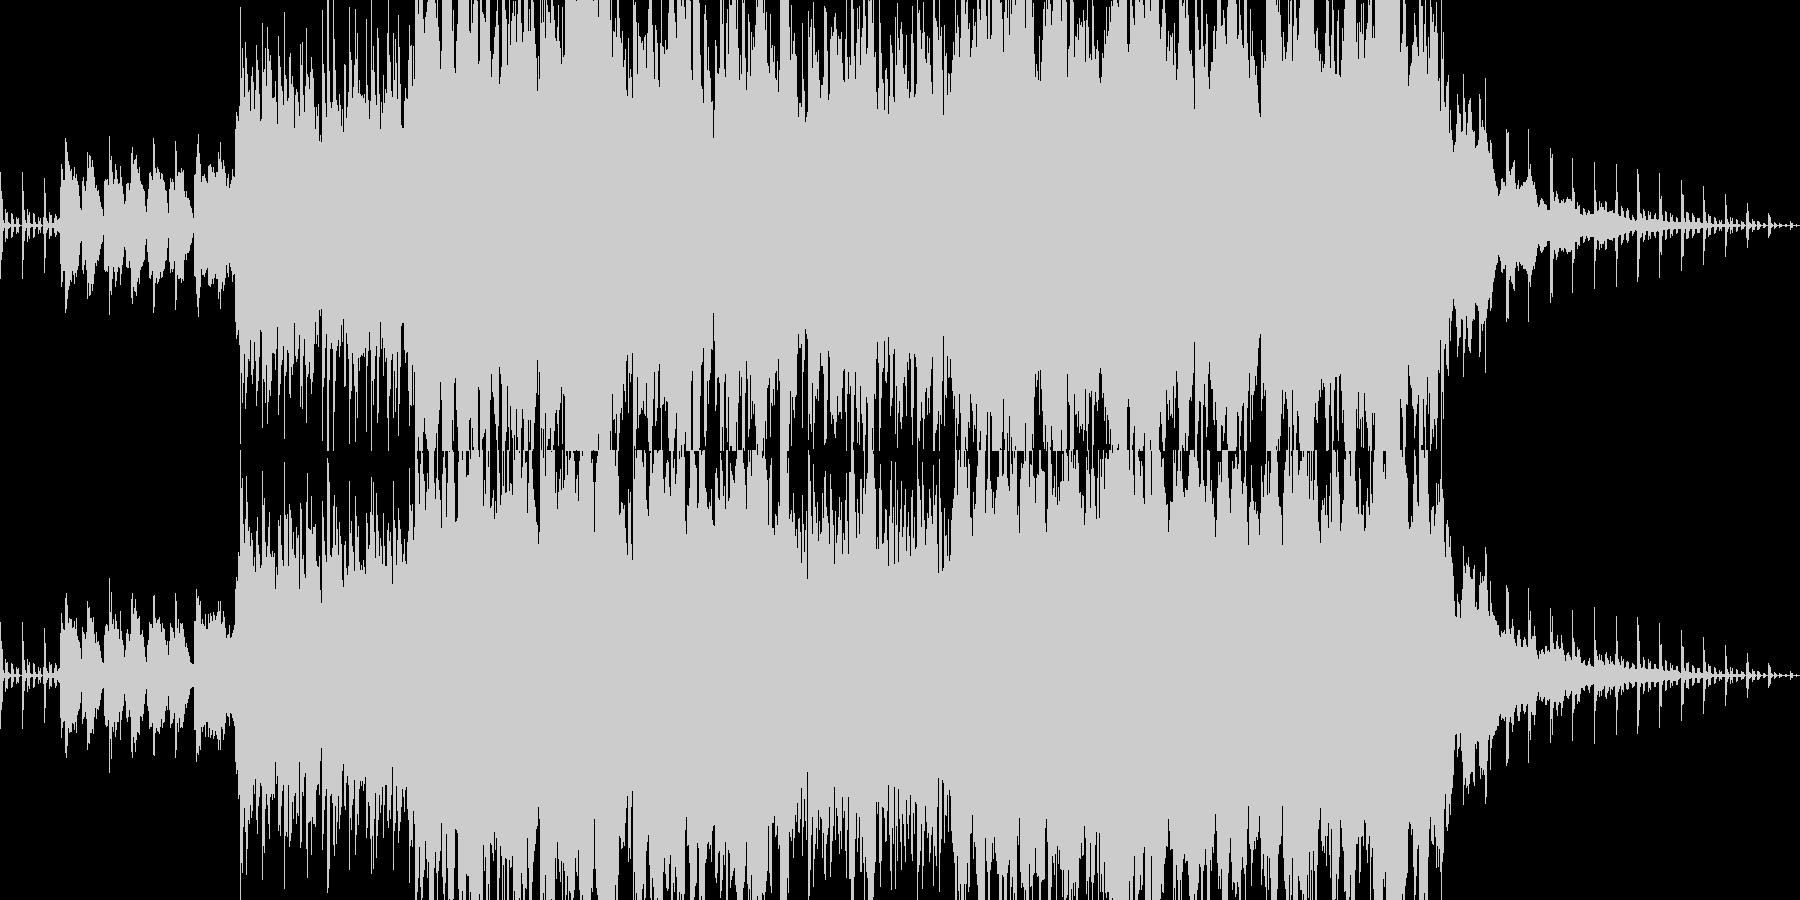 ドラマティックでスピリチュアルなバラードの未再生の波形